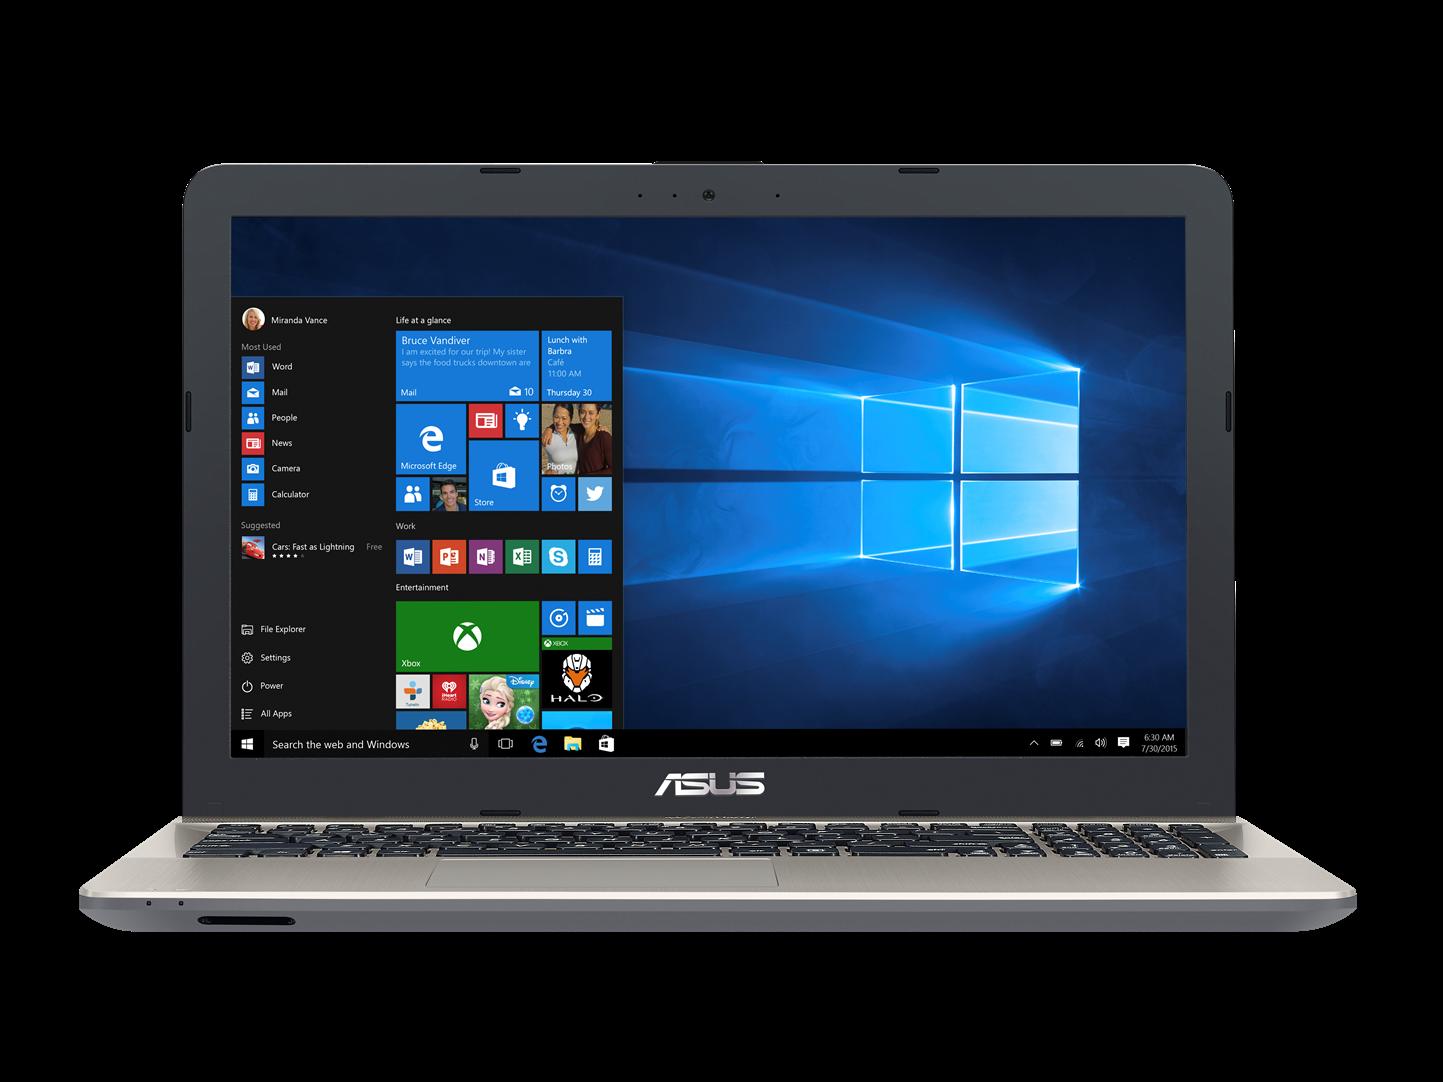 """ASUS X541UA-GQ1245T i3-6006U/4GB/1TB/DVDRW/HD graphics/15.6"""" HD LED matný/W10 Home/Black/black&gold"""